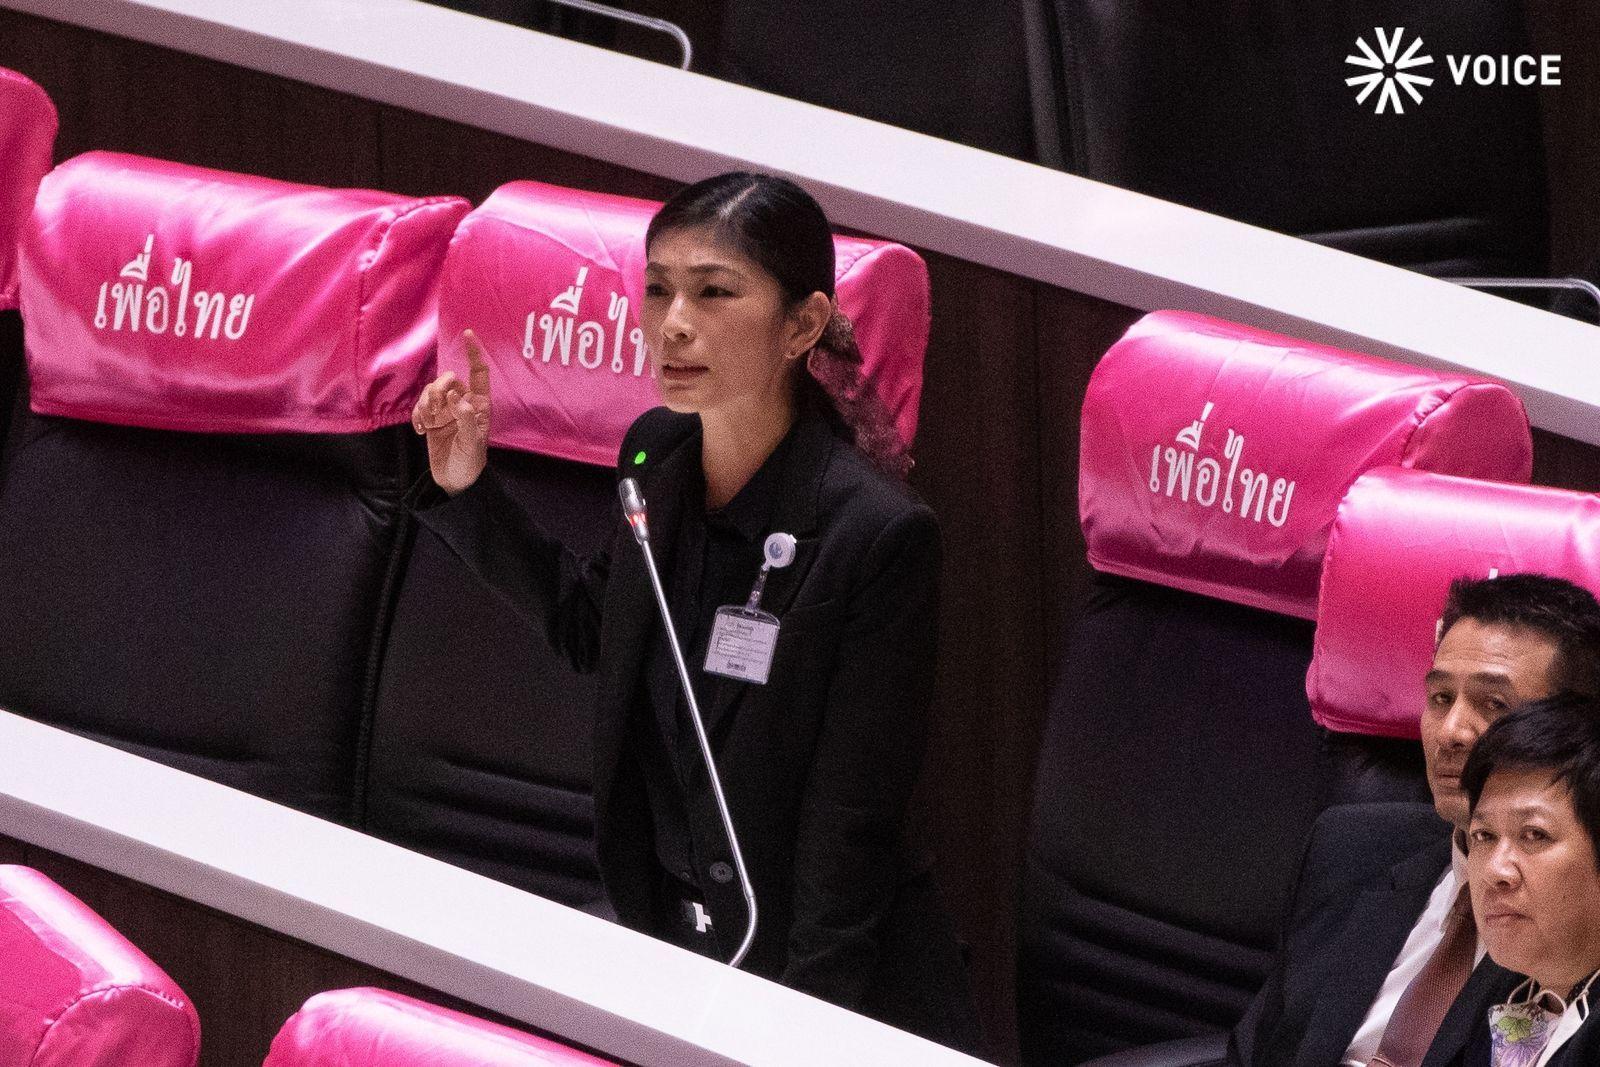 ทัศนีย์ เพื่อไทย ประชุมสภา_201117_9.jpg